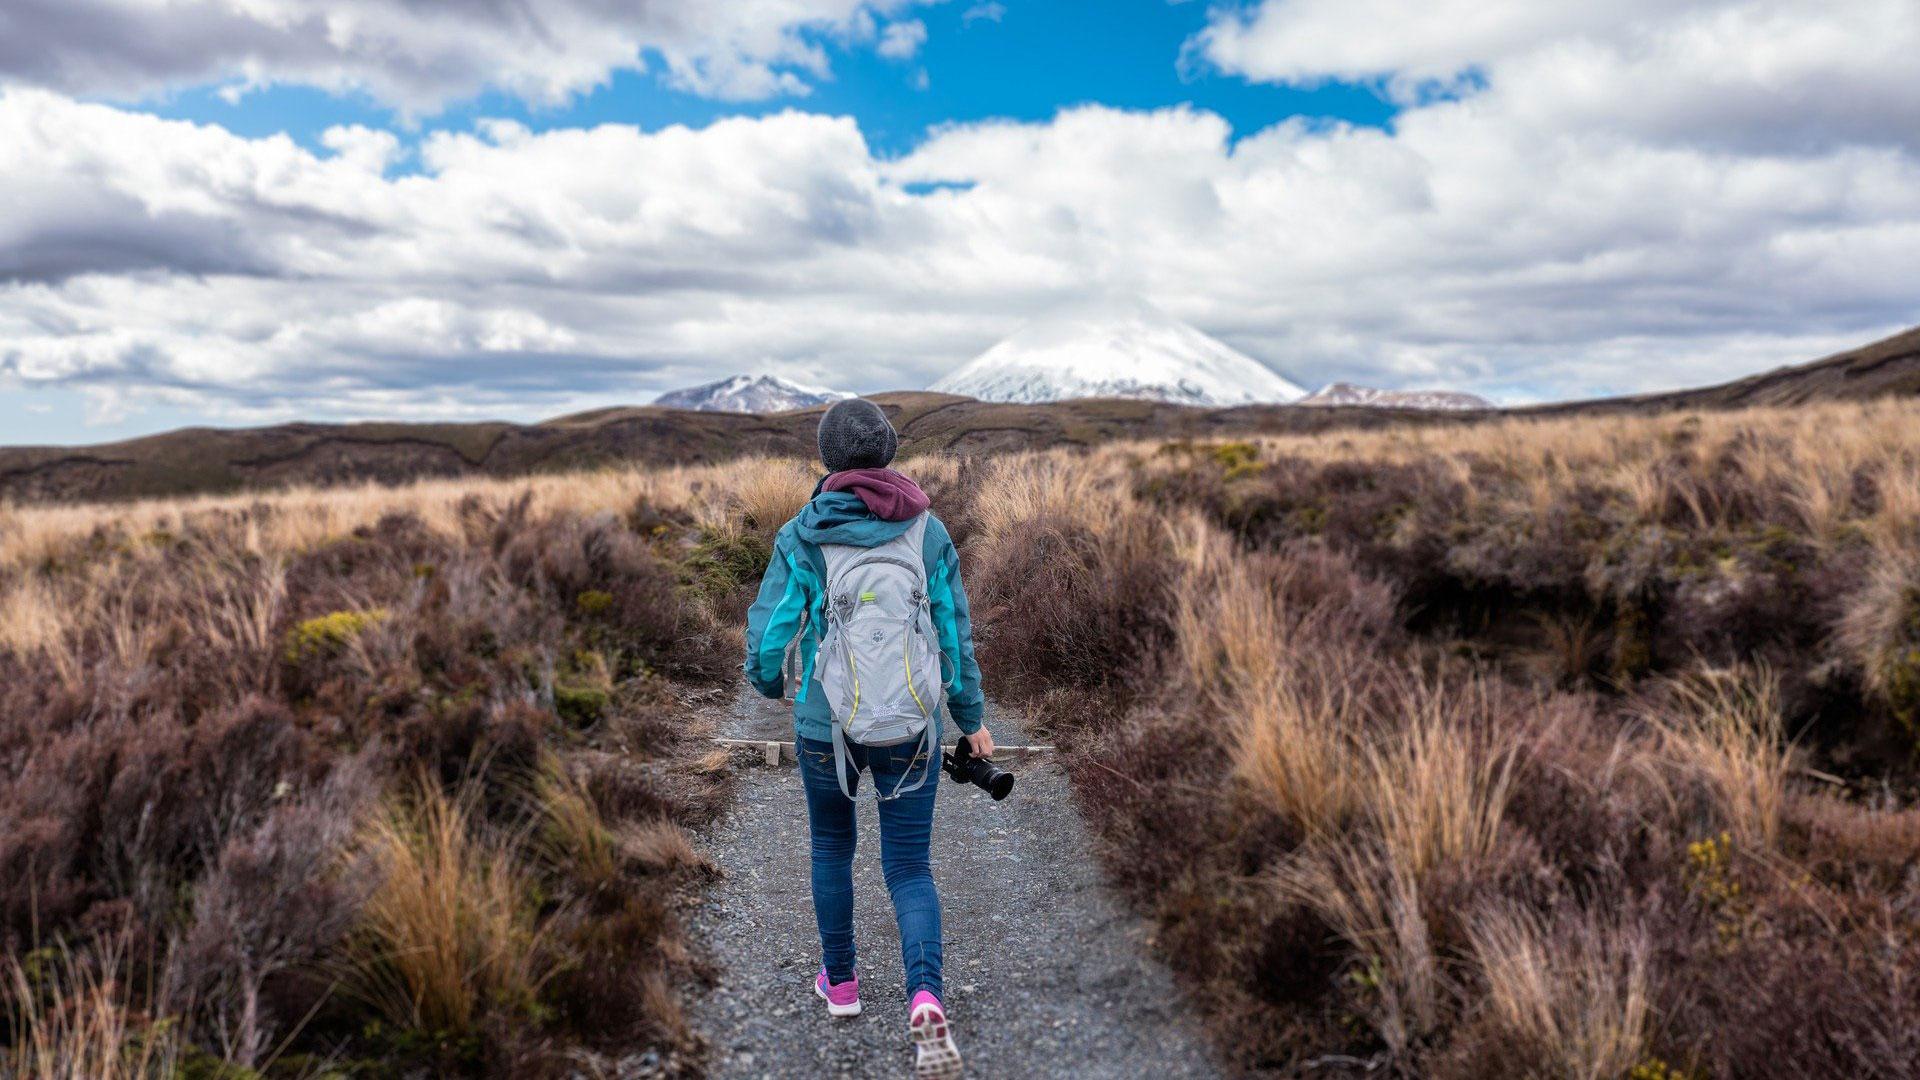 Errori da principianti nel trekking: alcuni consigli